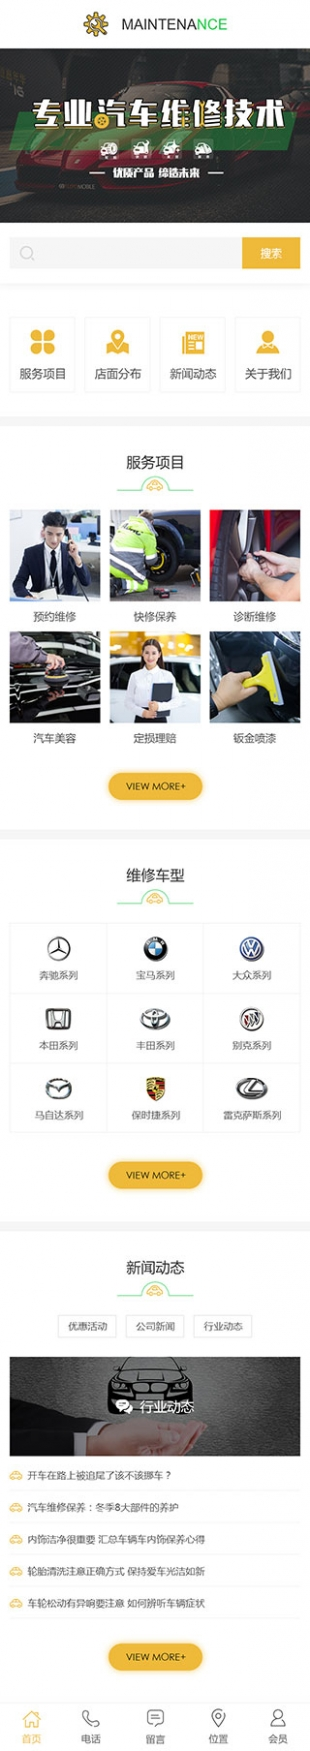 汽车类网站通用模板手机图片